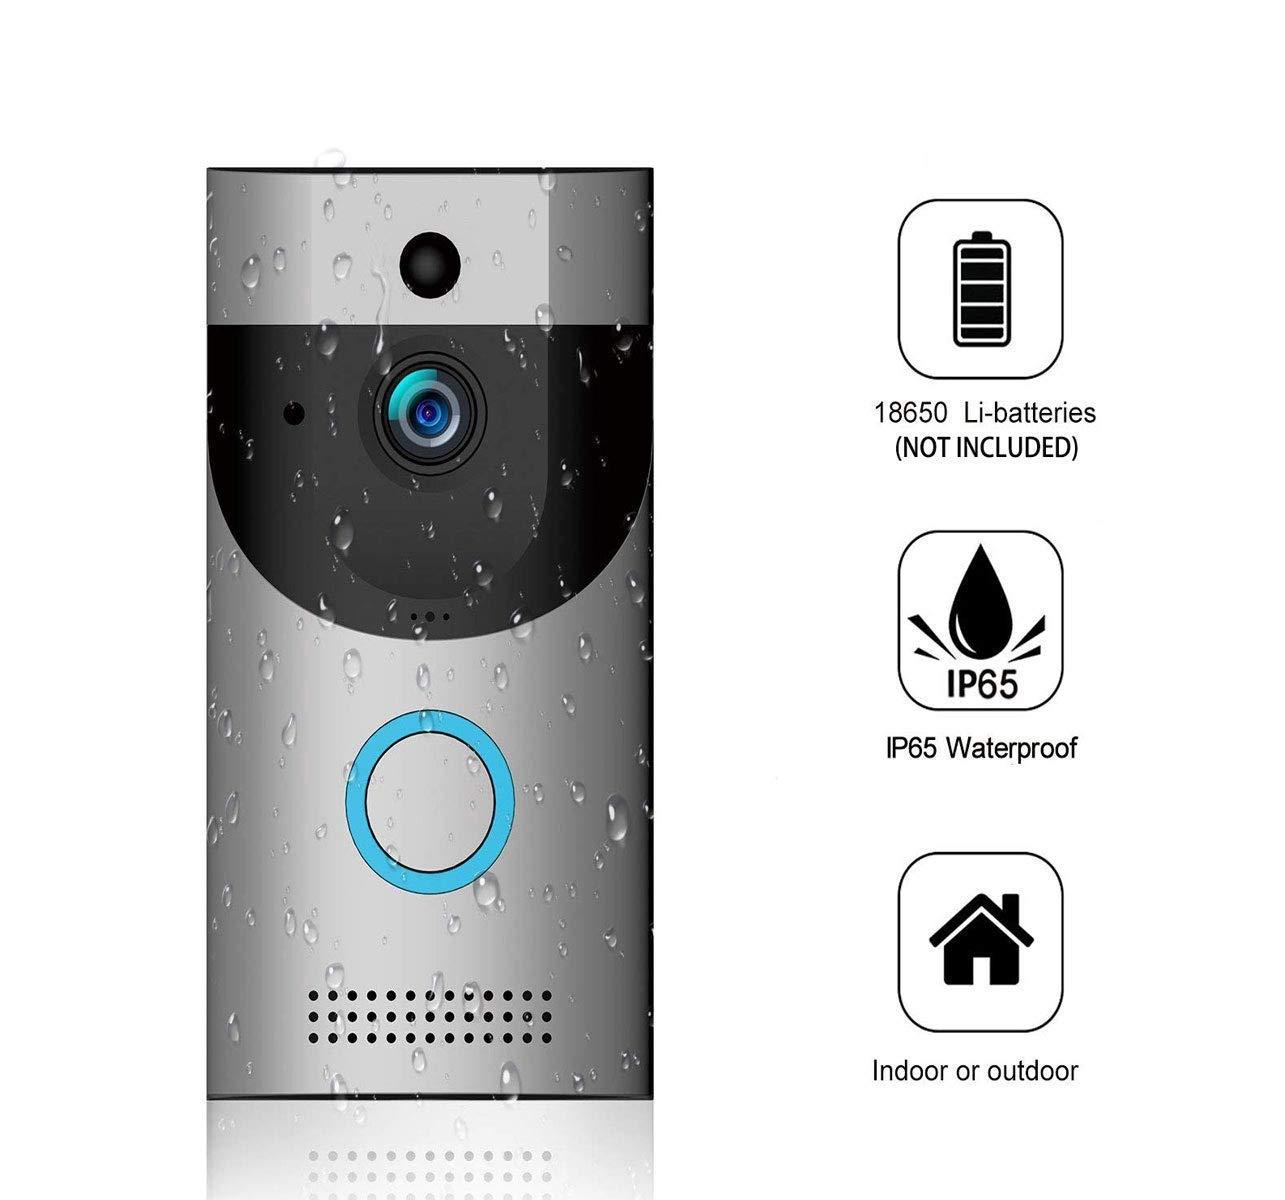 Wifi Video Doorbell, IP65 Wasserdichte Smart Doorbell 720P 2,4 Ghz Wifi-Sicherheitskamera Mit Cloud-Speicher, Nachtsicht Und Zwei-Wege-Audio, PIR-Bewegungserkennung Und App-Steuerung Für Ios Und Android